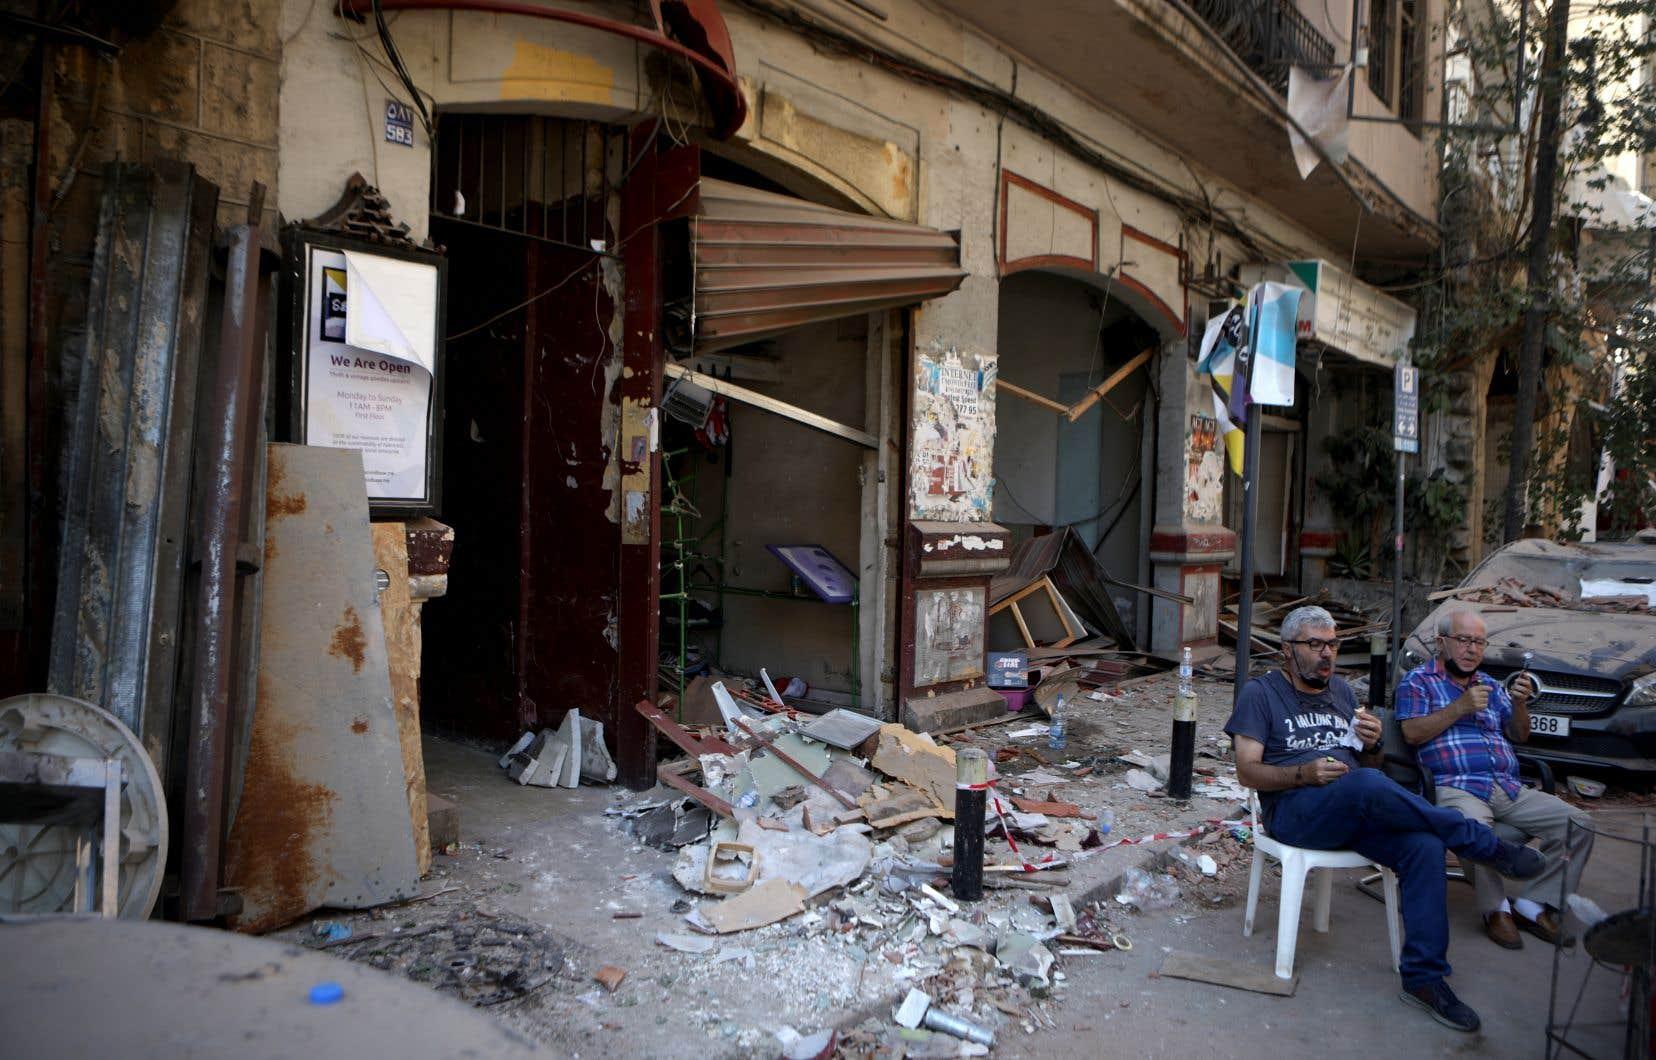 L'explosion a alimenté la colère des Libanais qui avaient battu le pavé des semaines dès octobre 2019 pour exprimer leur ras-le-bol face aux politiques accusés de corruption et d'incompétence.